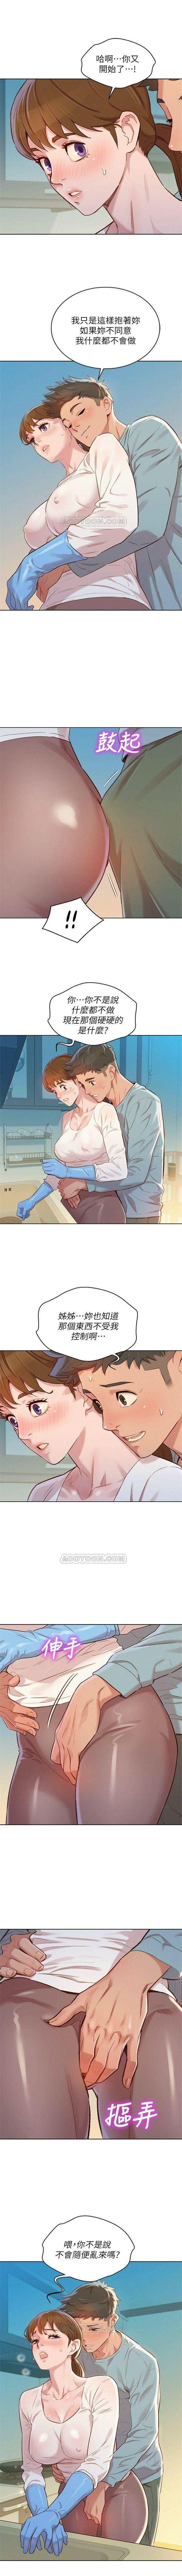 (周7)漂亮干姐姐  1-81 中文翻译 (更新中) 459